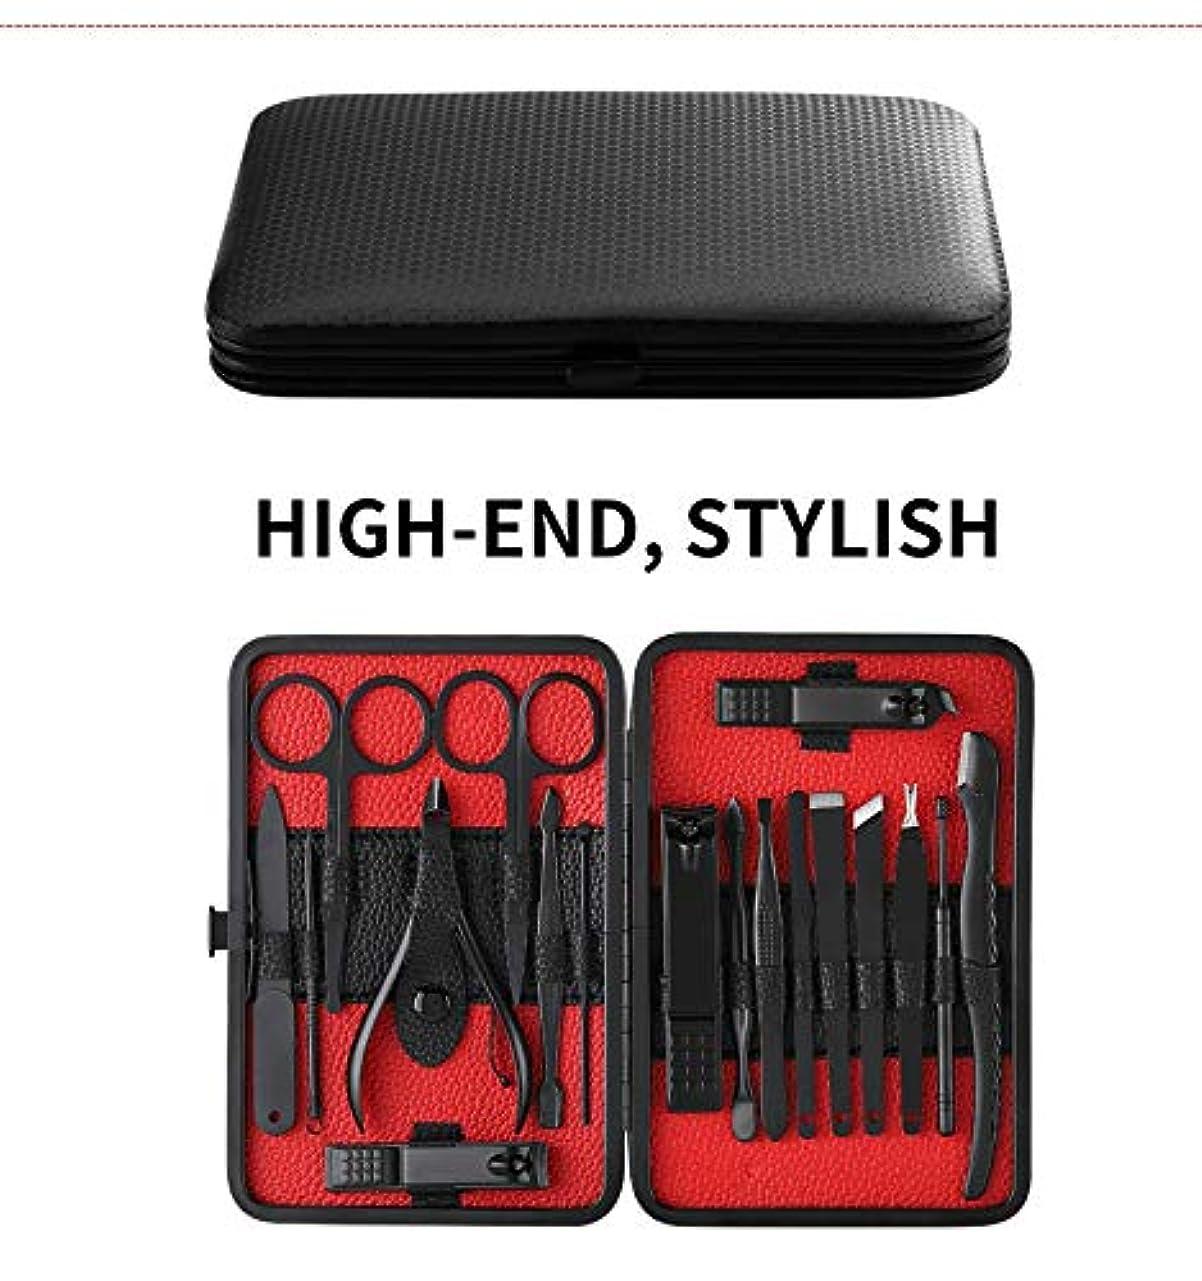 漁師居心地の良い群集18pcs Manicure Set Nail Clippers Kit Pedicure Care Tools Black Men Grooming Kit With Black PU Leather Case for...